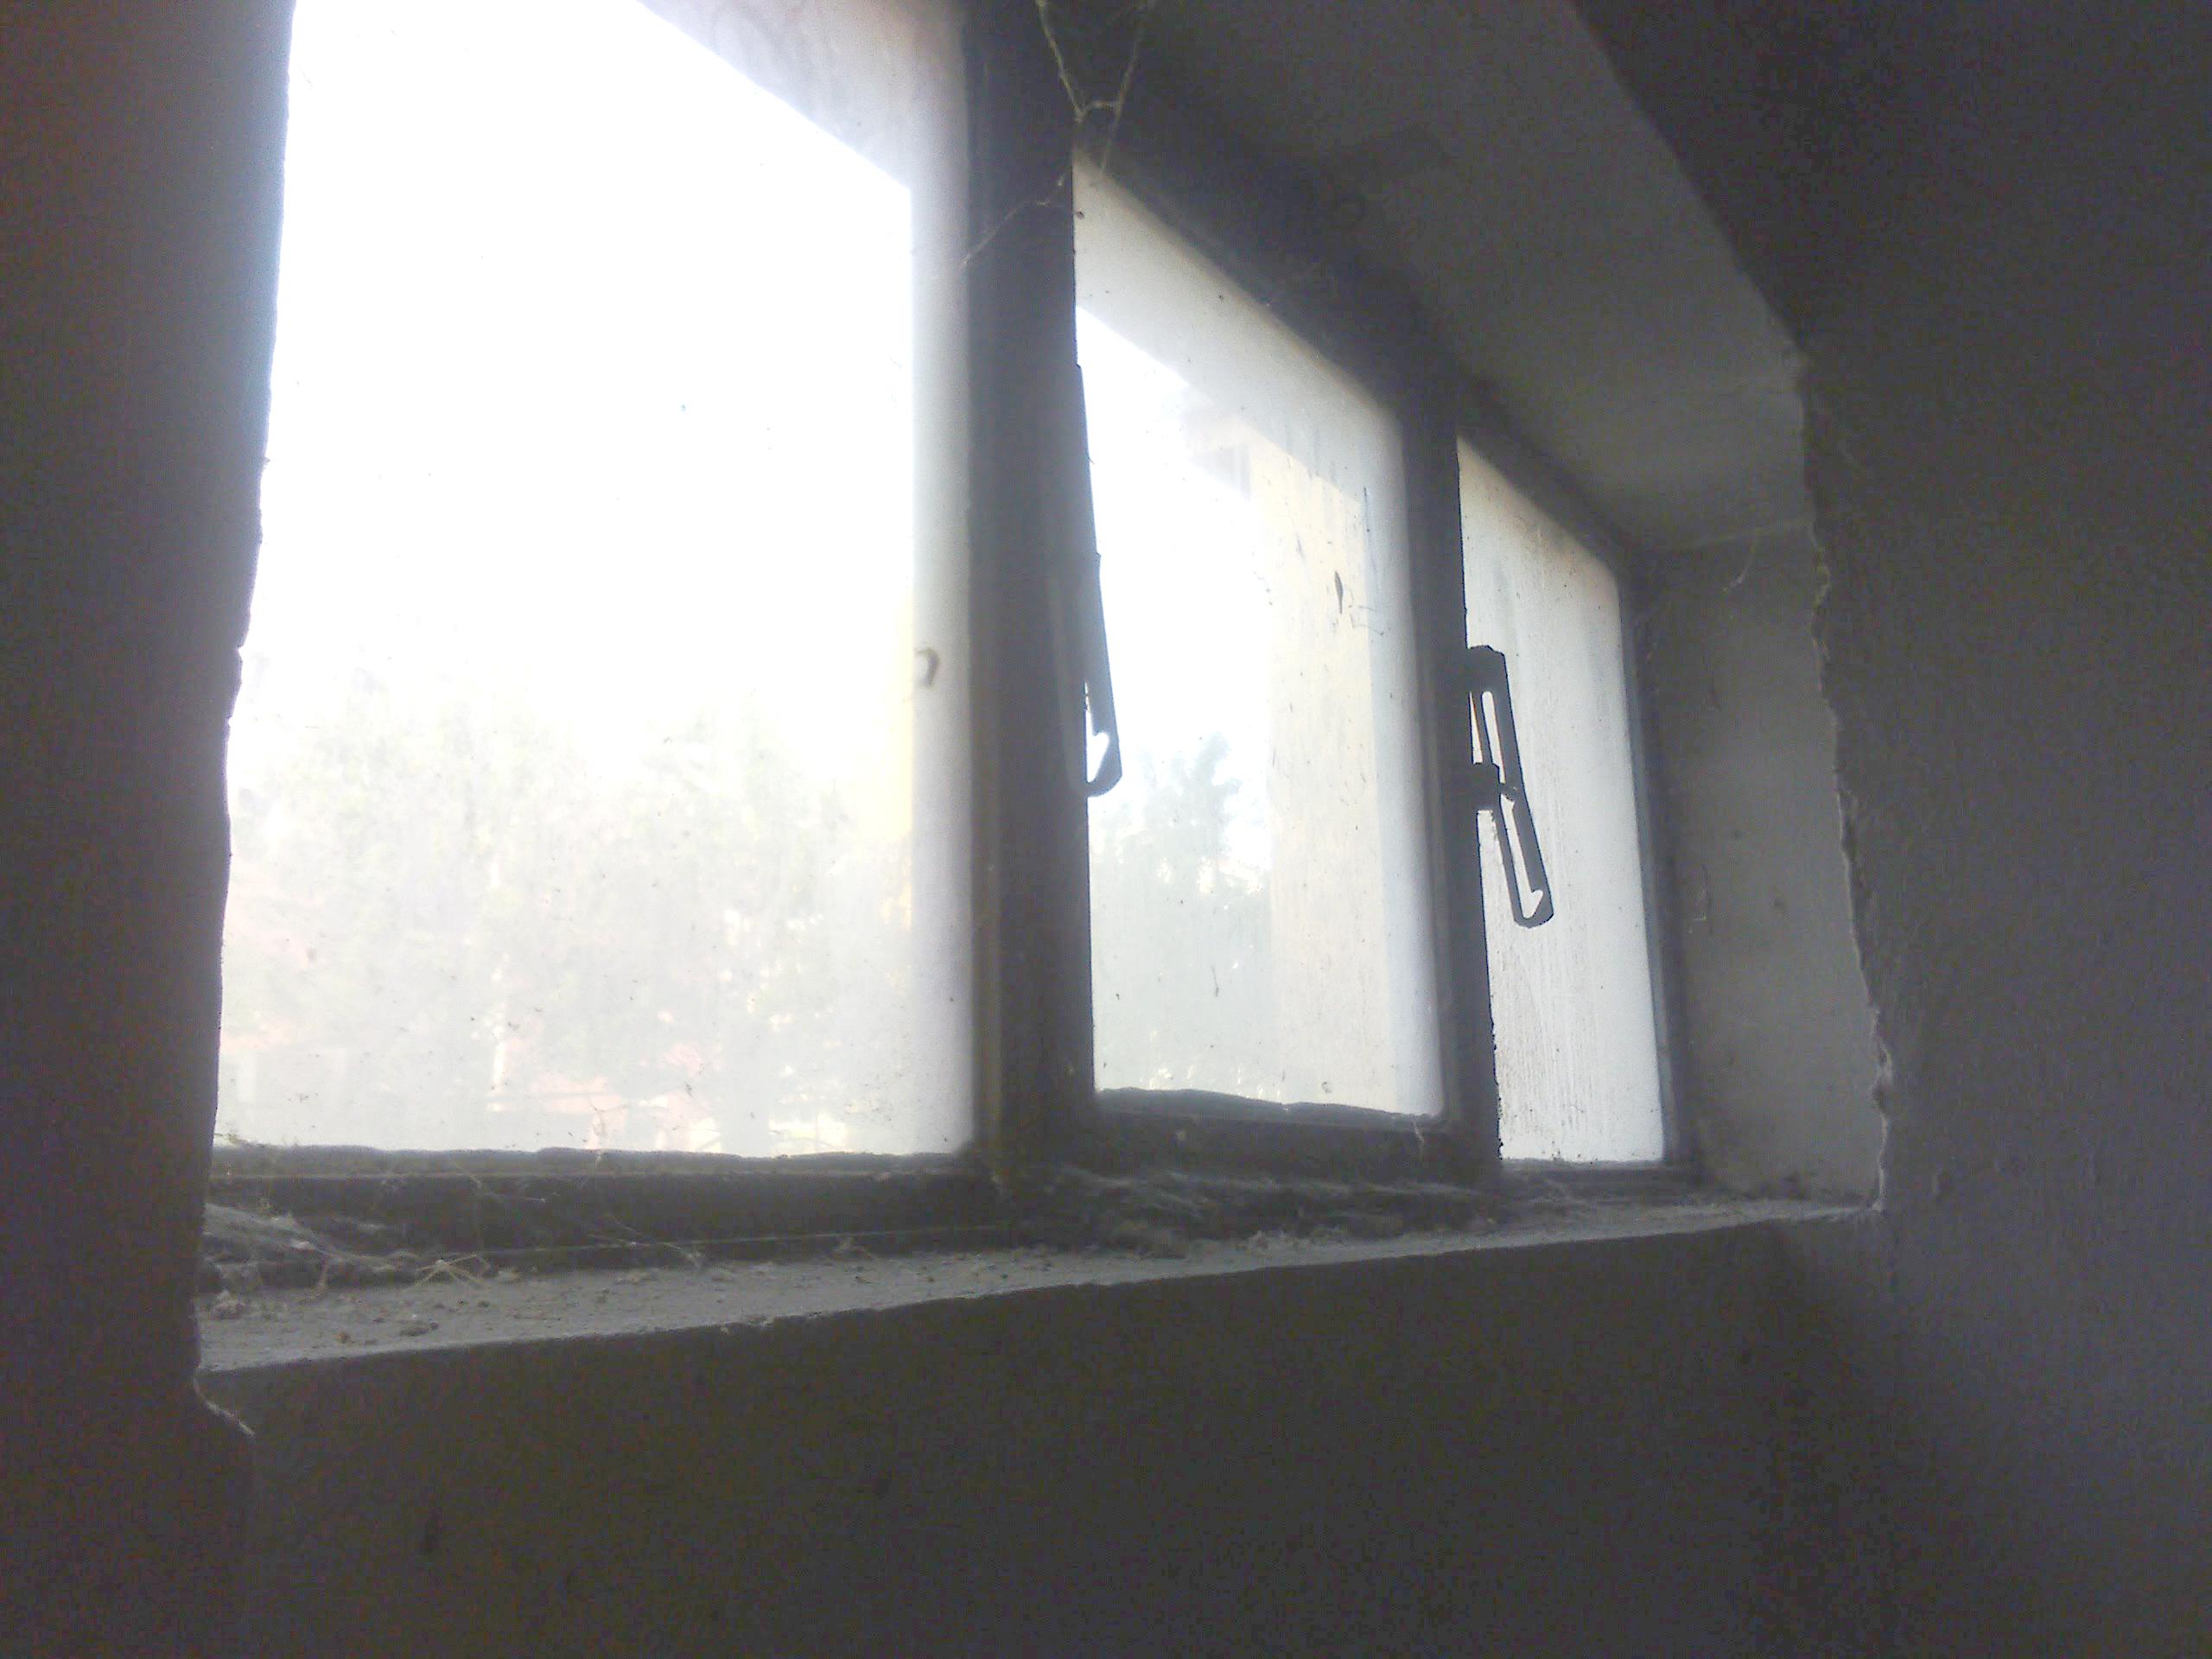 Okna k zabezpečení (příp. k zazdění)